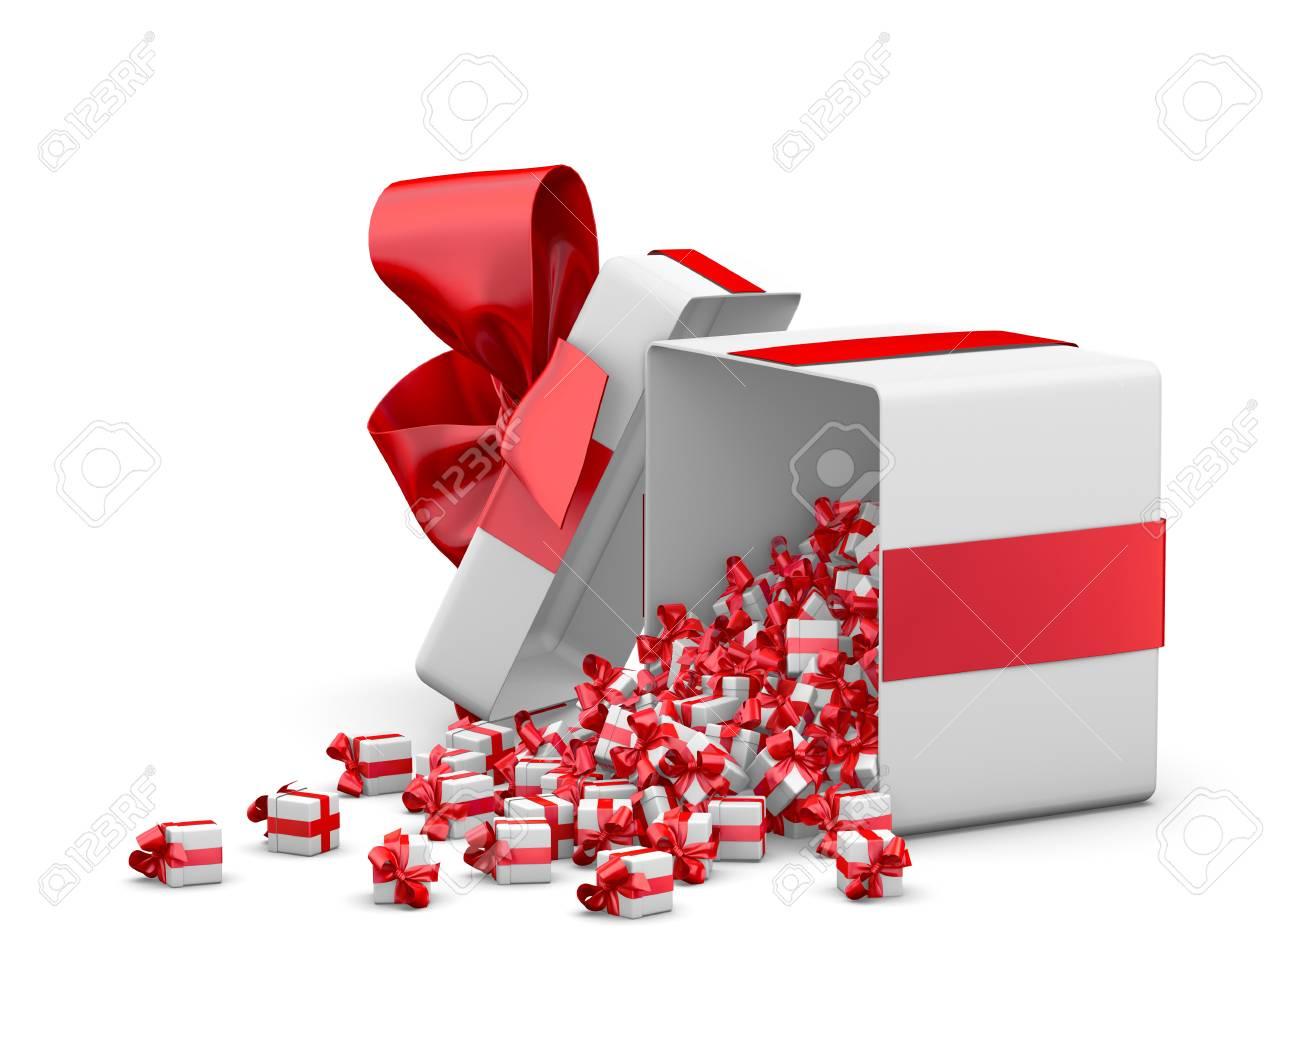 Red Geschenk-Box Für Weihnachten, Neujahr, Geschenk-Box Kleines ...